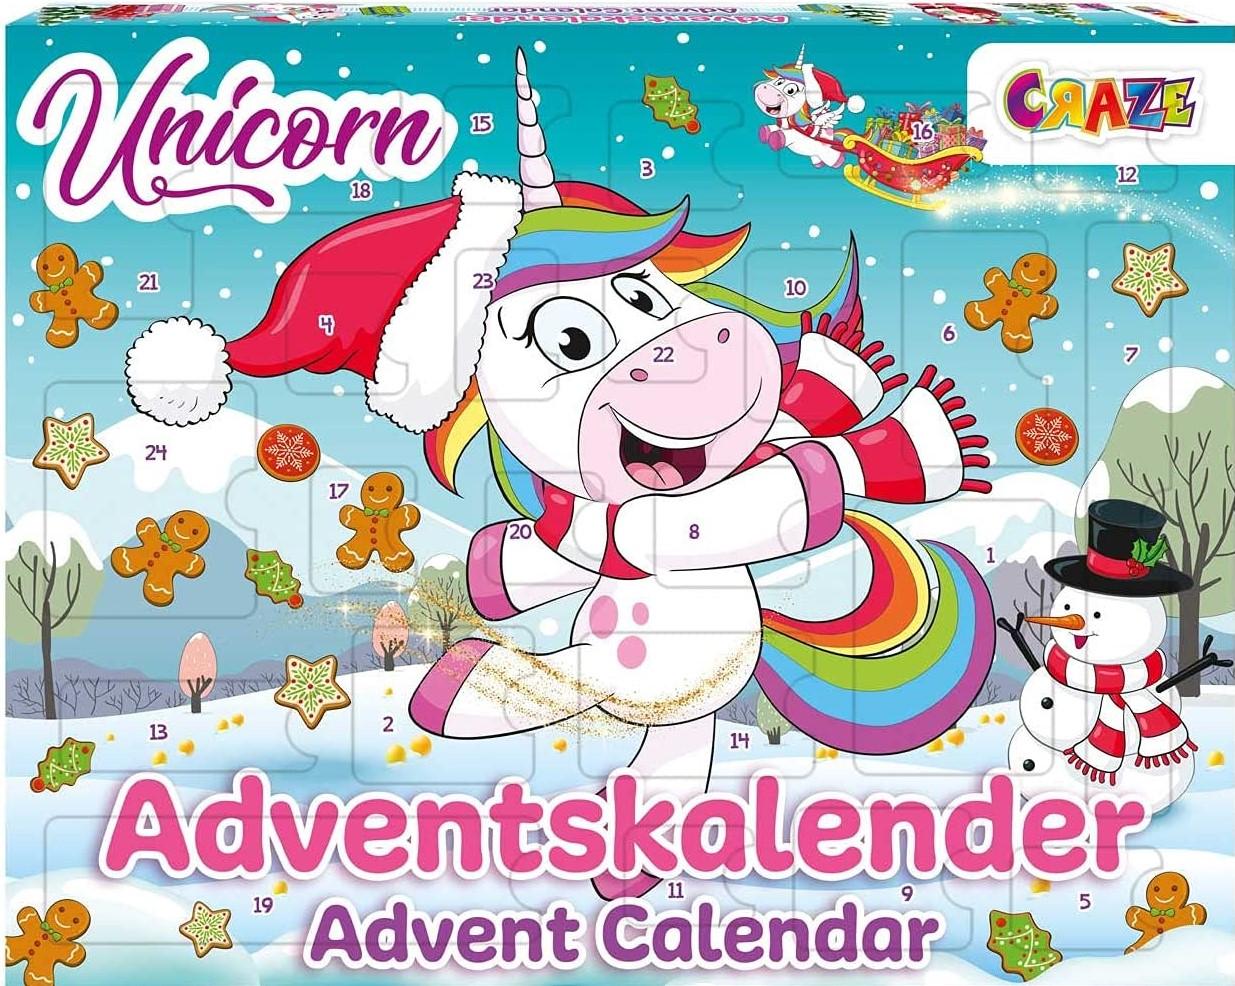 Craze Einhorn Adventskalender